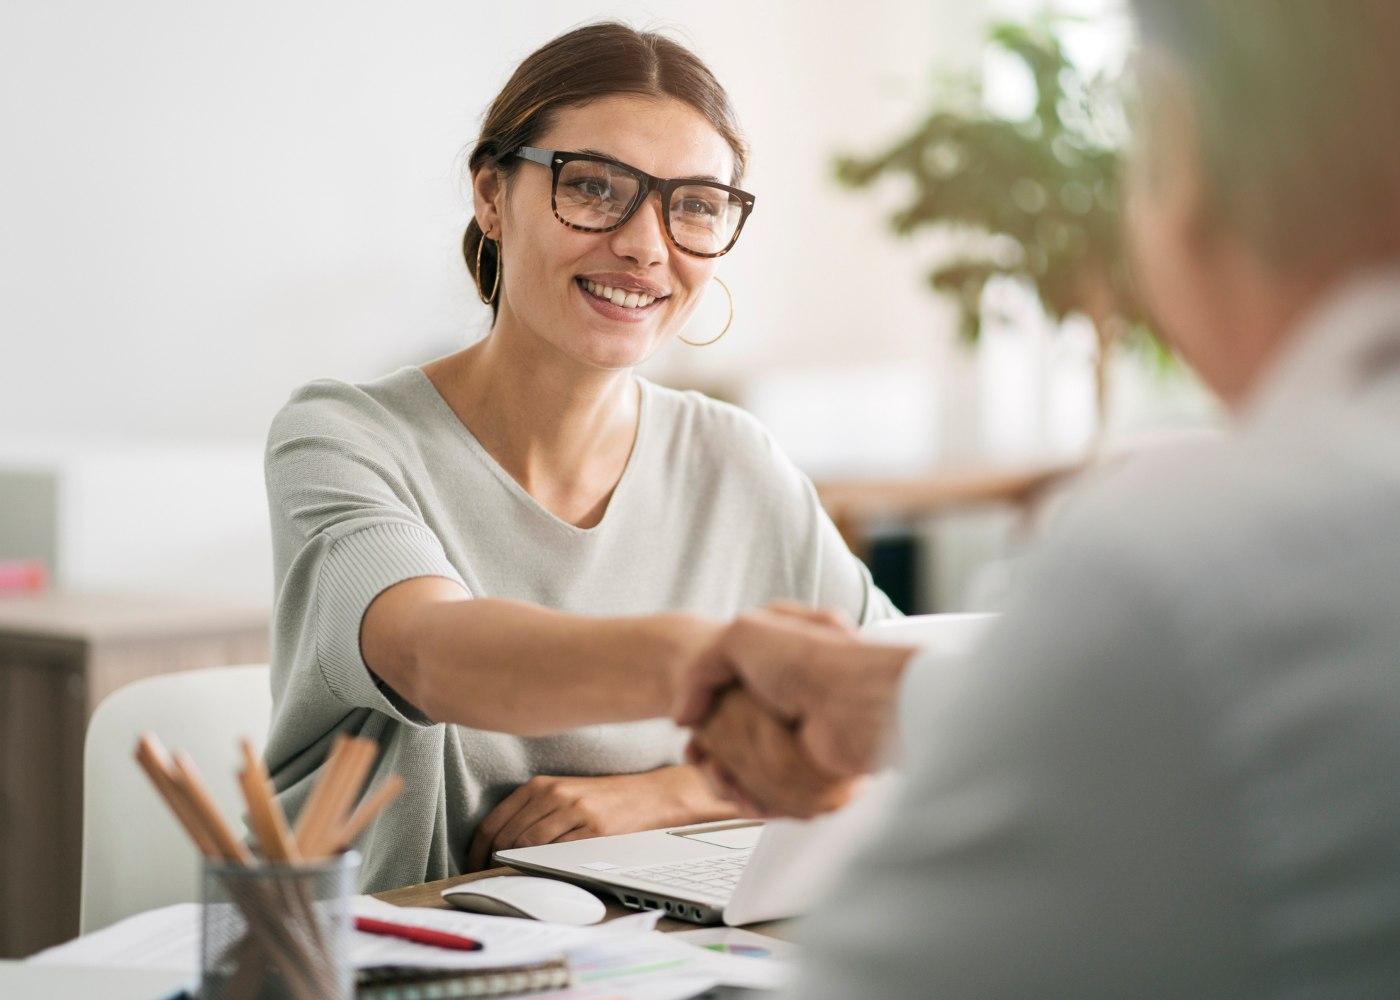 funcionário a aceitar trabalhar sem contrato e cumprimentar empregador